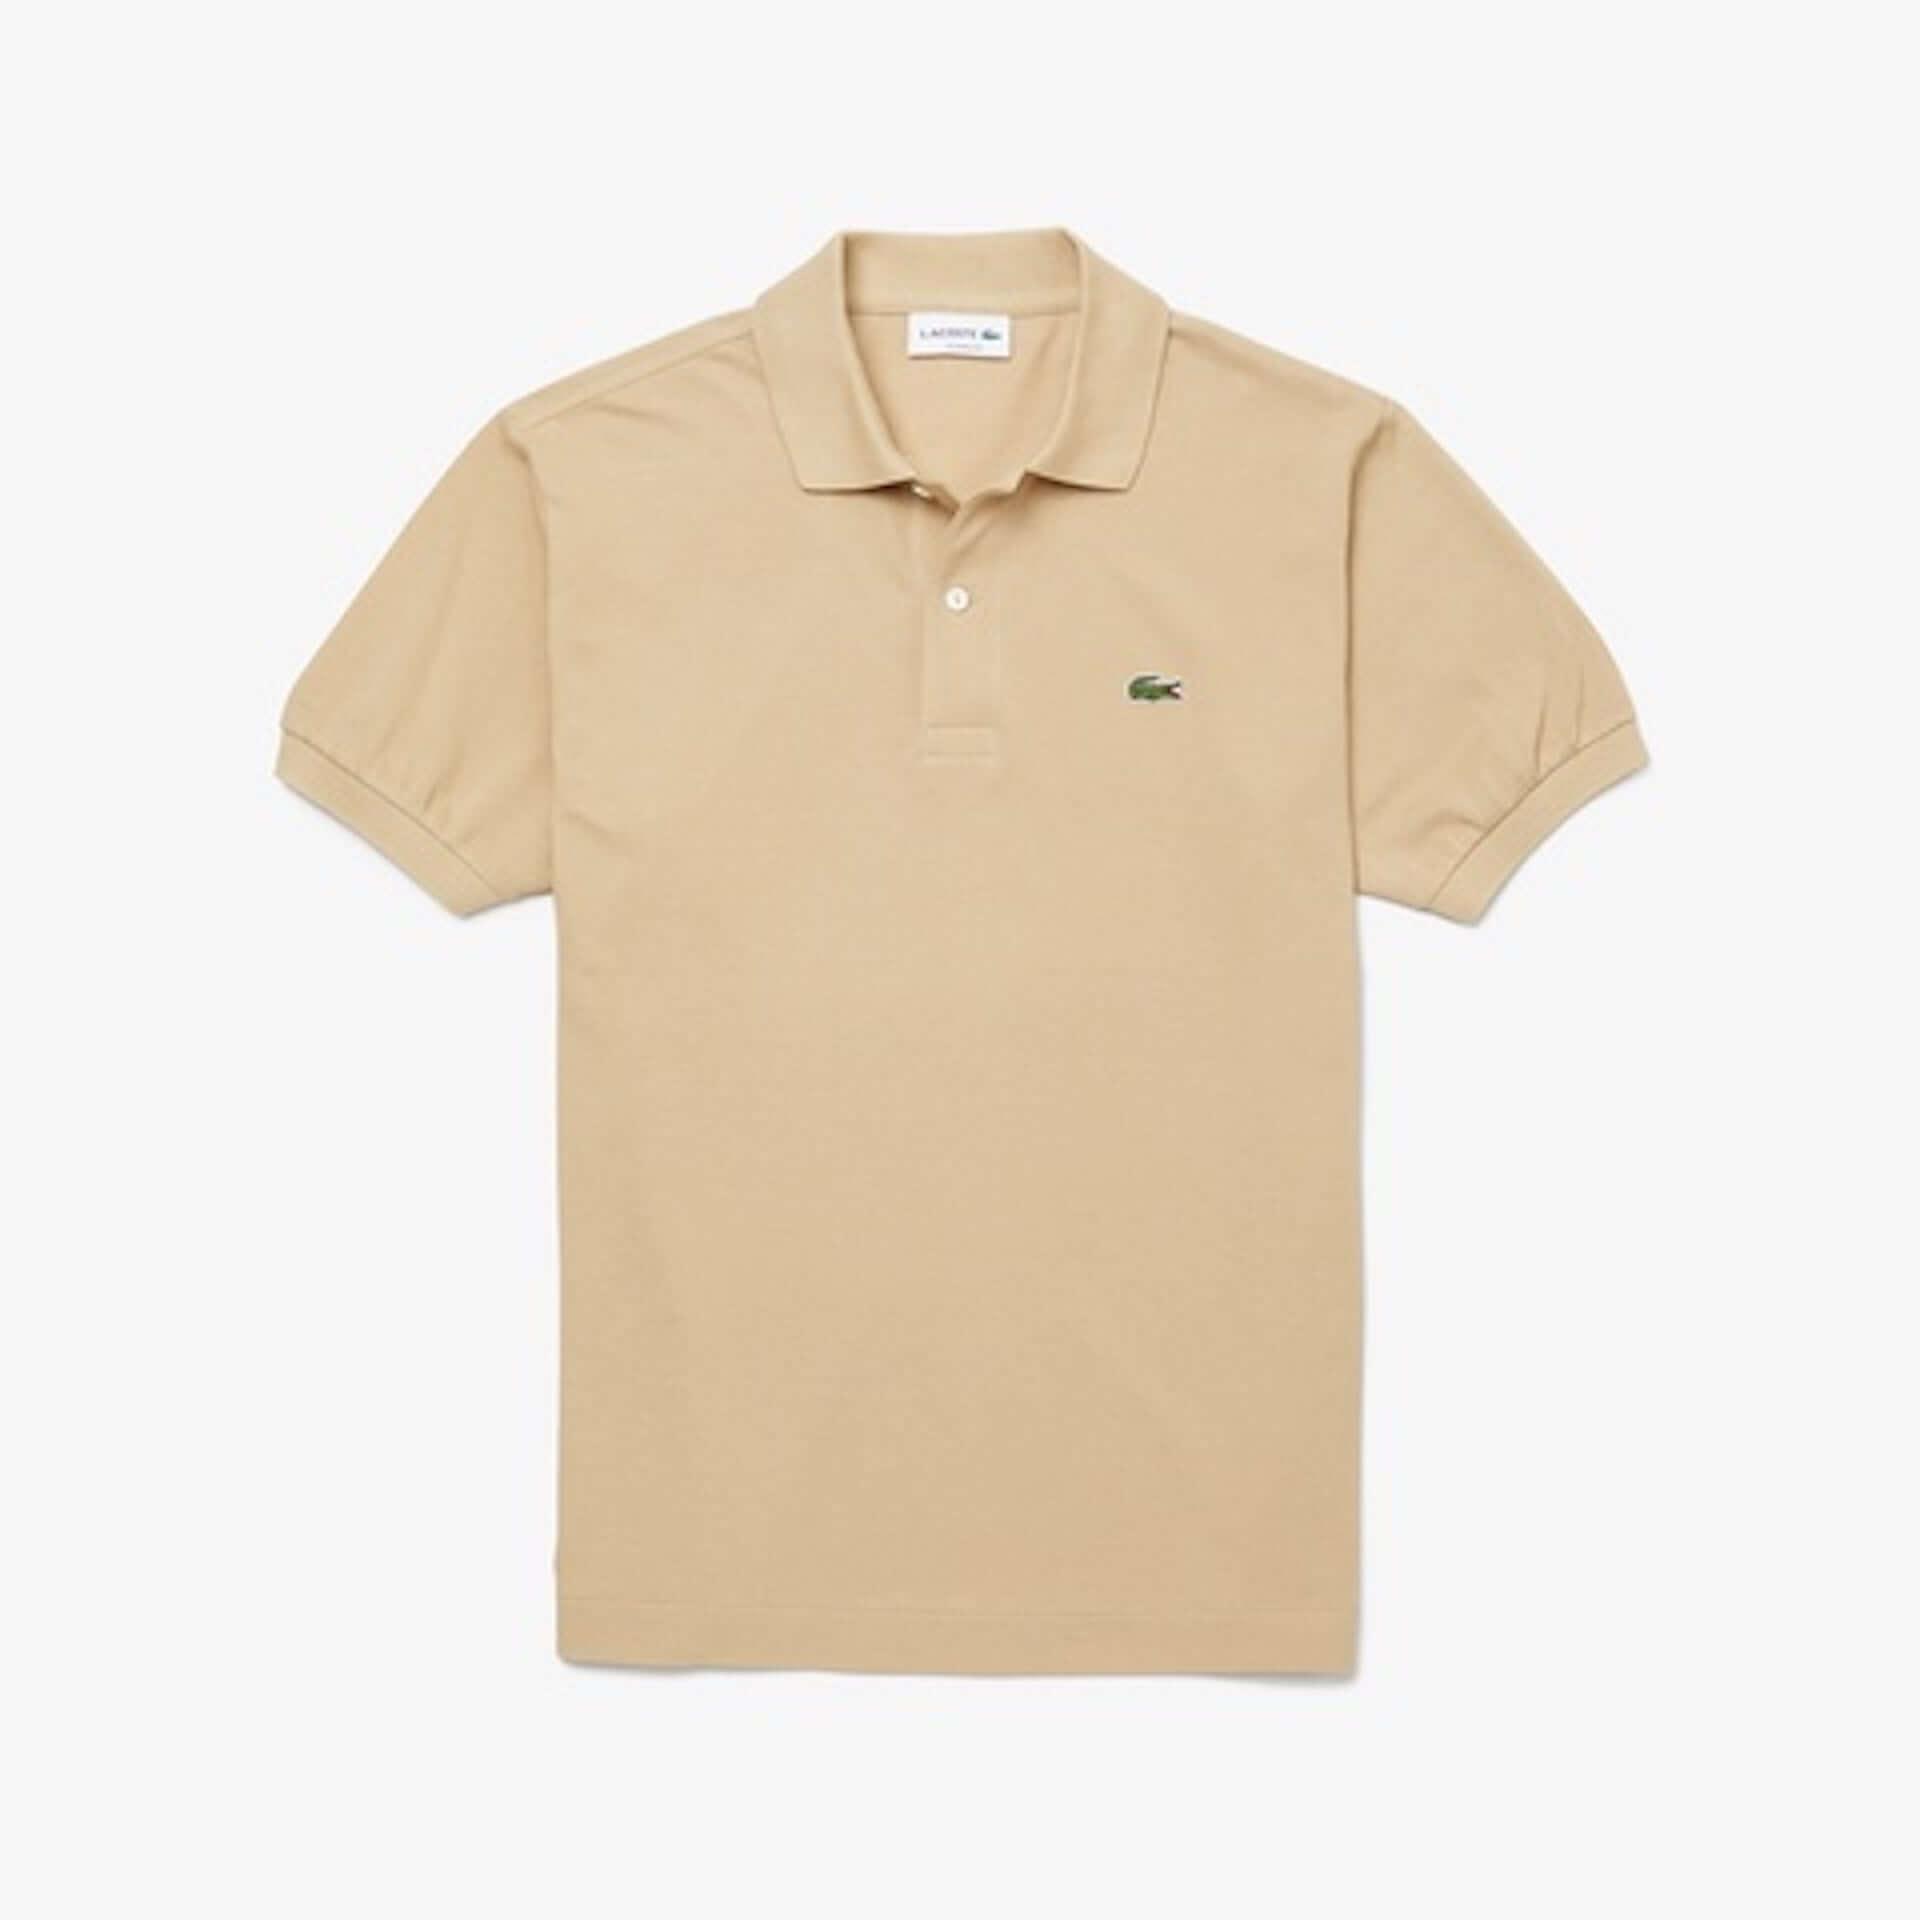 ラコステから春夏シーズンカラーの新作ポロシャツが登場!定番のワニロゴポロシャツやポロドレスも lf200519_lacoste_09-1920x1920